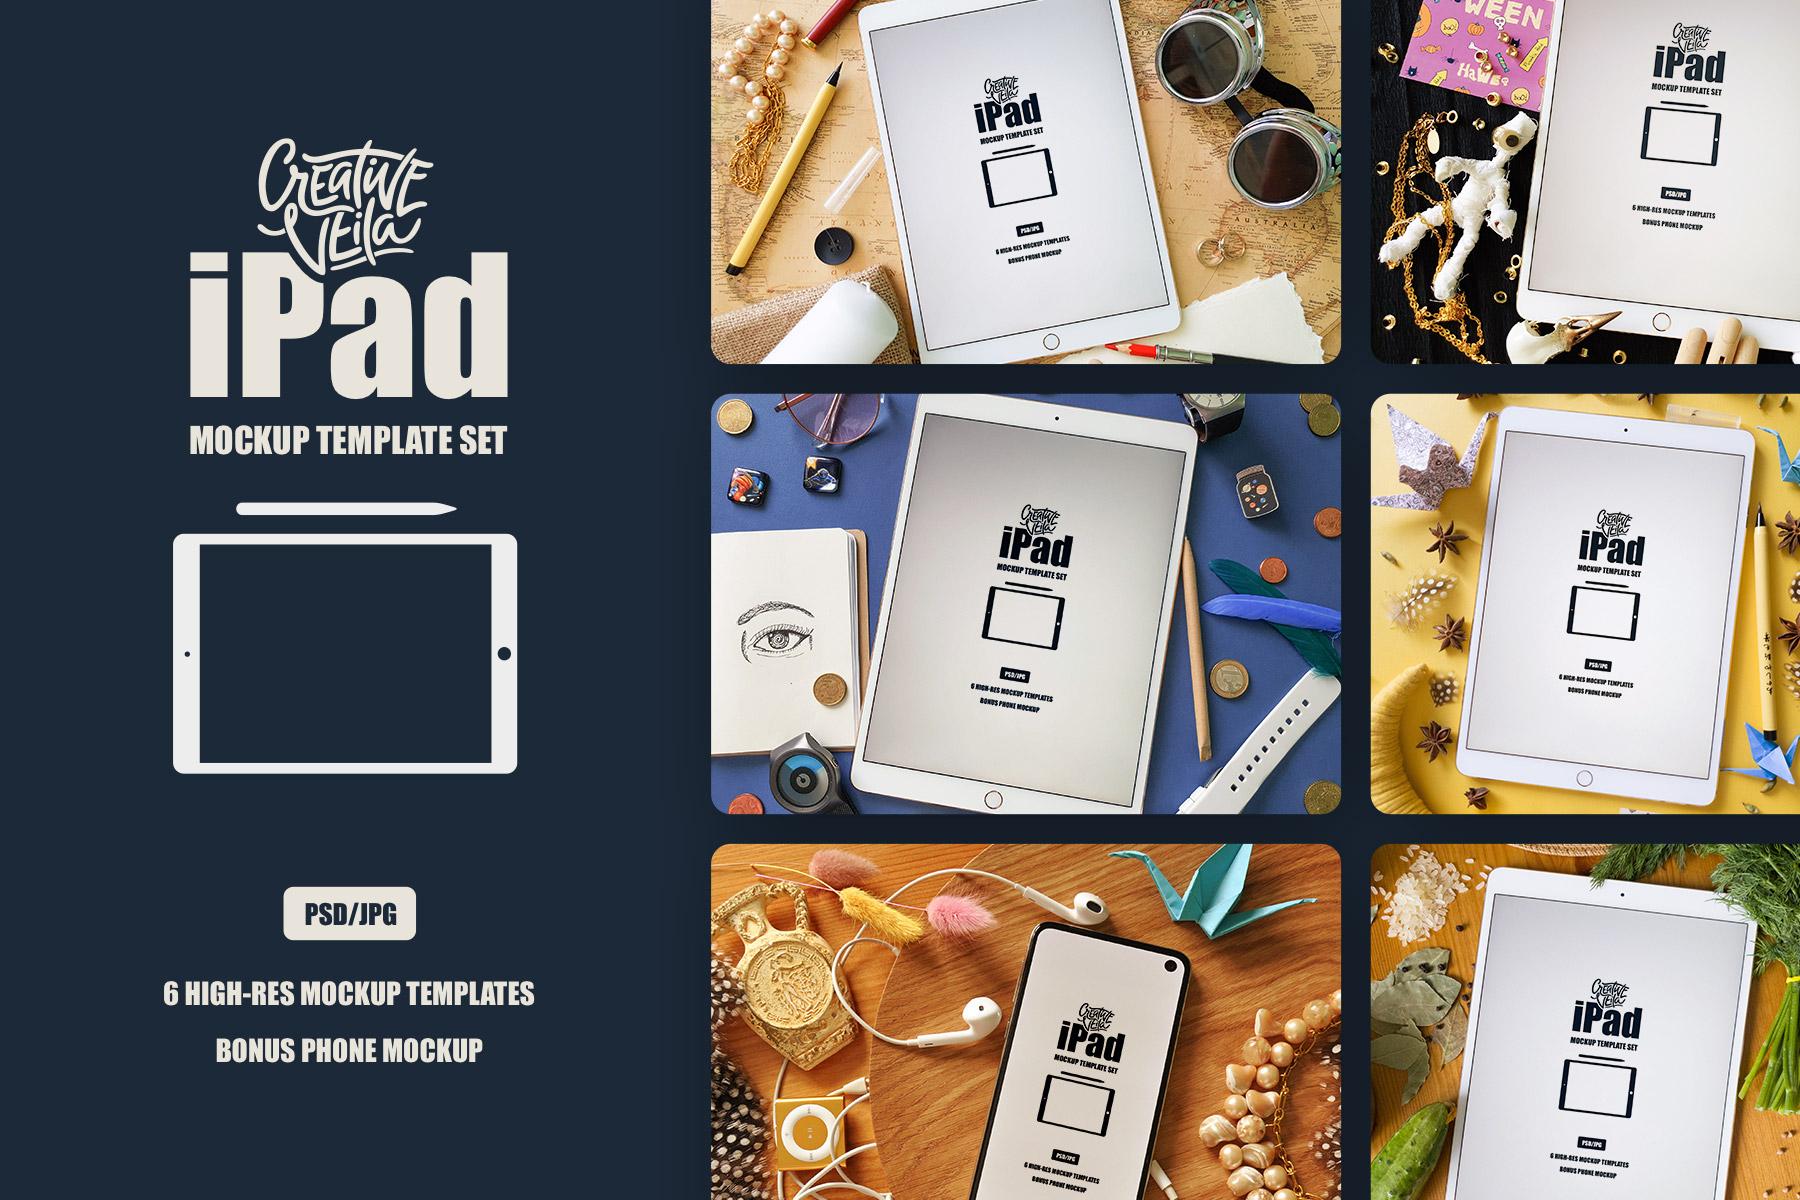 Free iPad Mockup Scenes